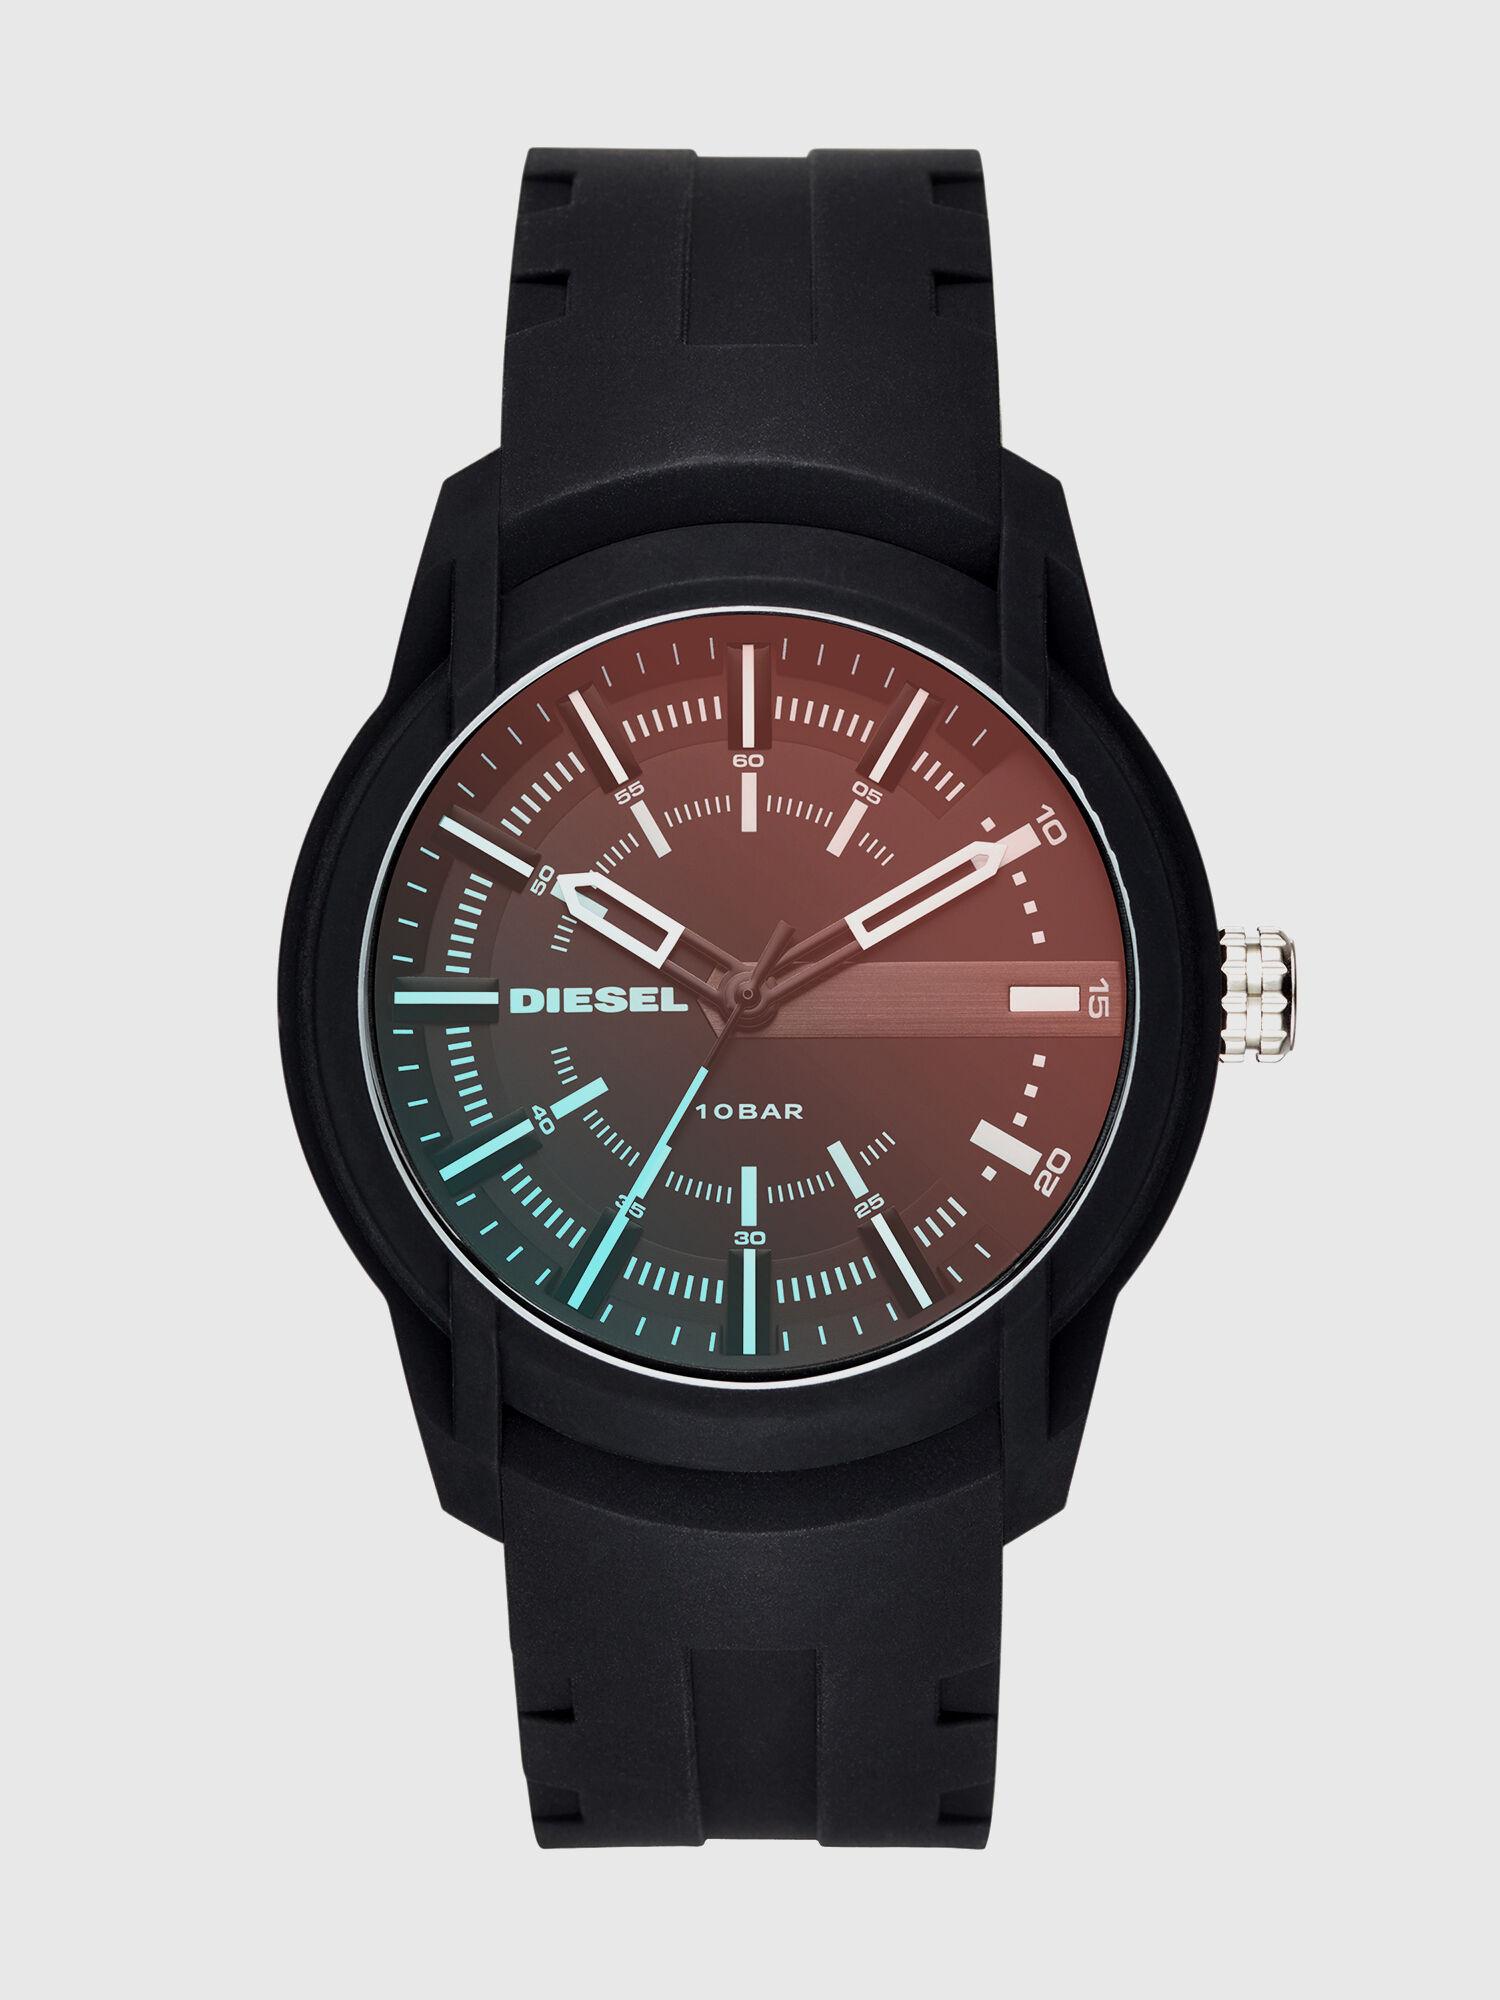 diesel com orologi